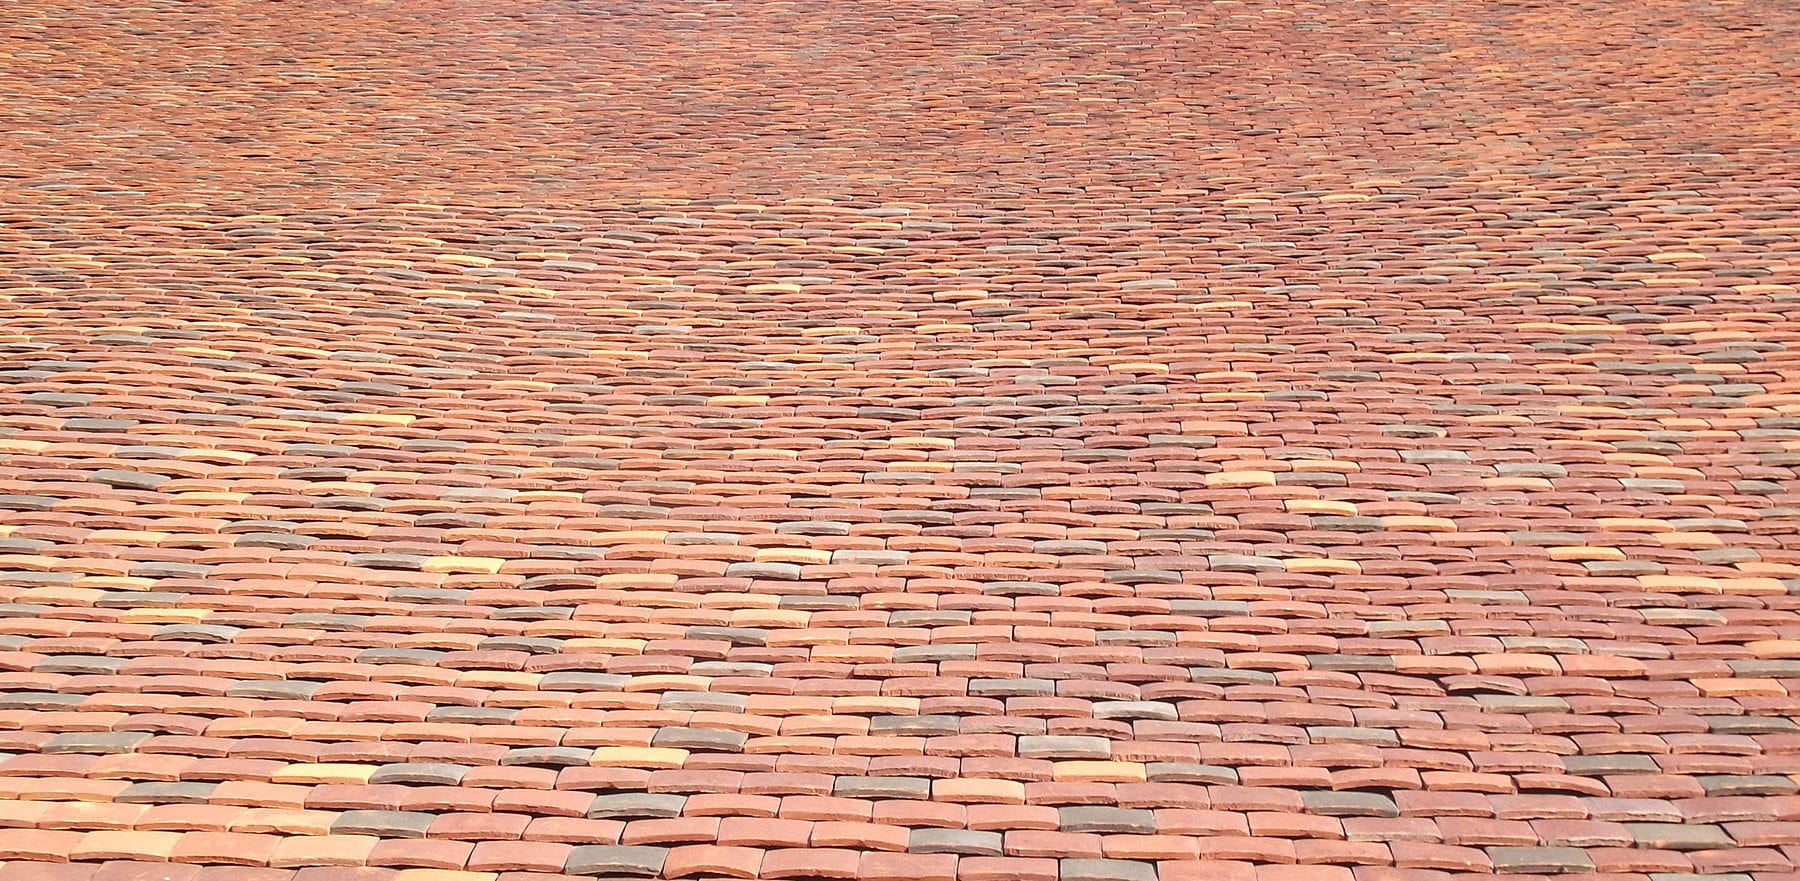 Lifestiles - Handmade Bespoke Clay Roof Tiles - Pelsham Barns, England 4